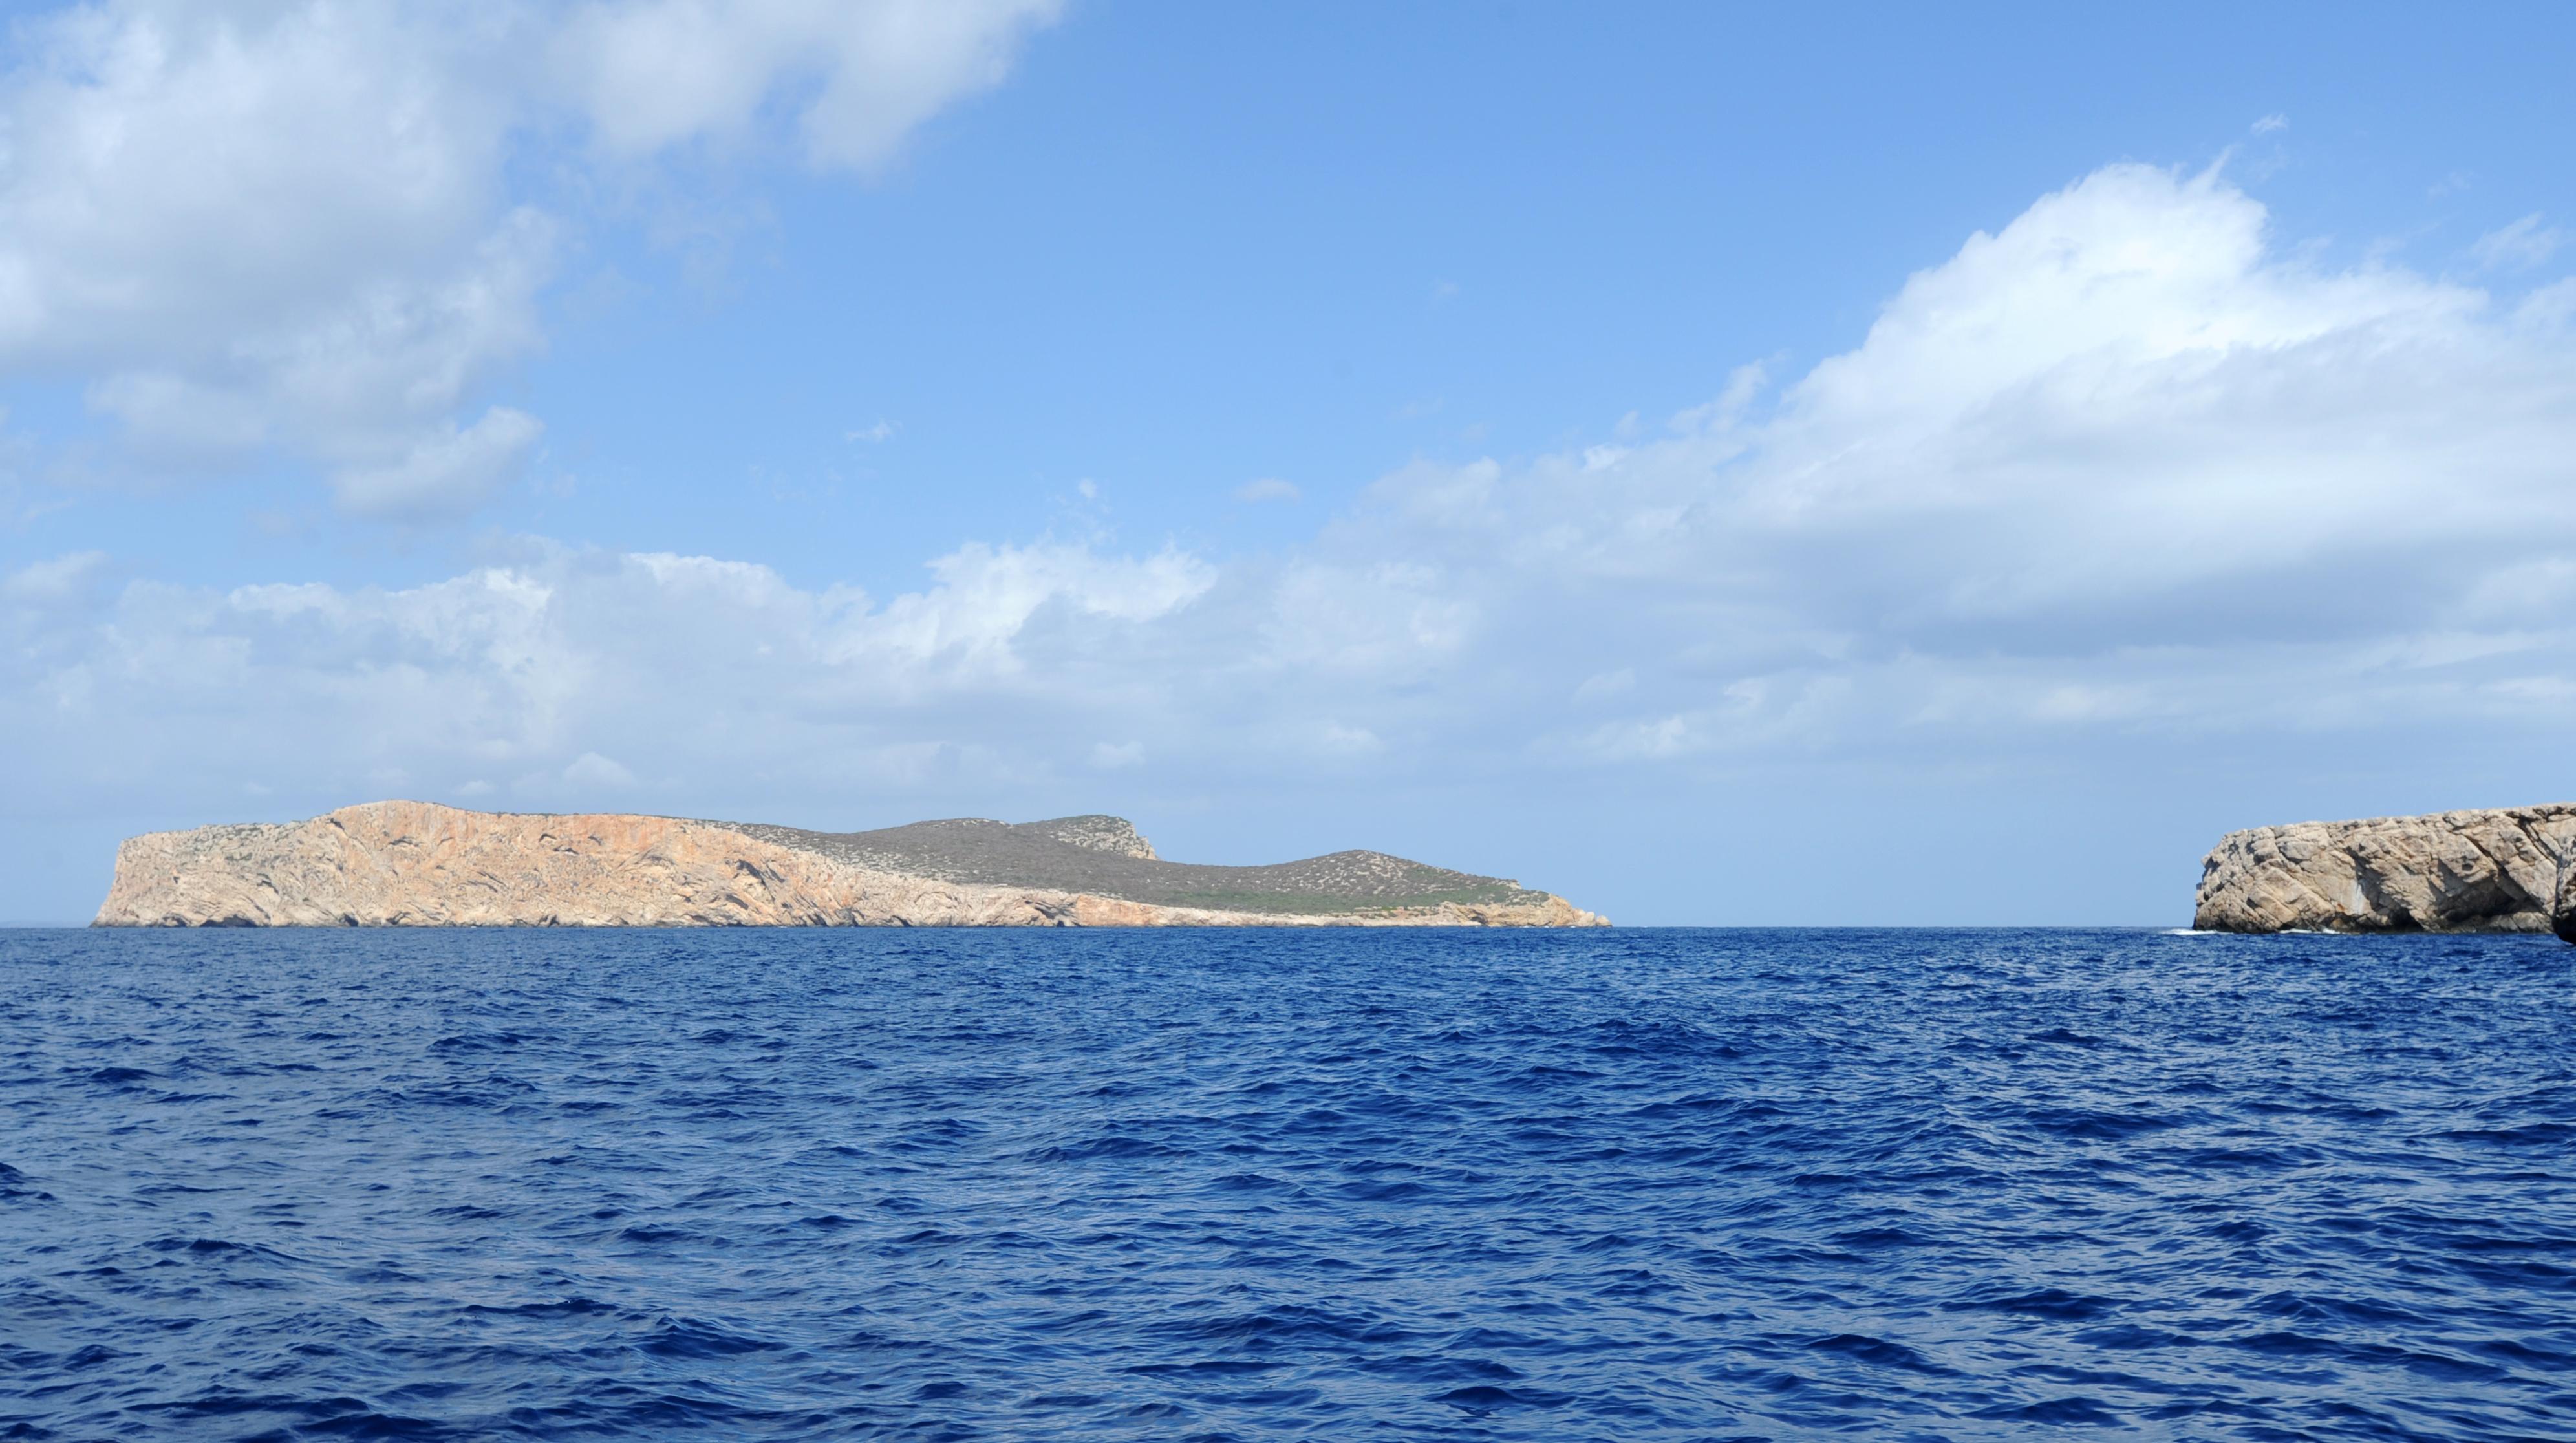 La isla de cabrera en mallorca el parque nacional - Calizas mallorca ...